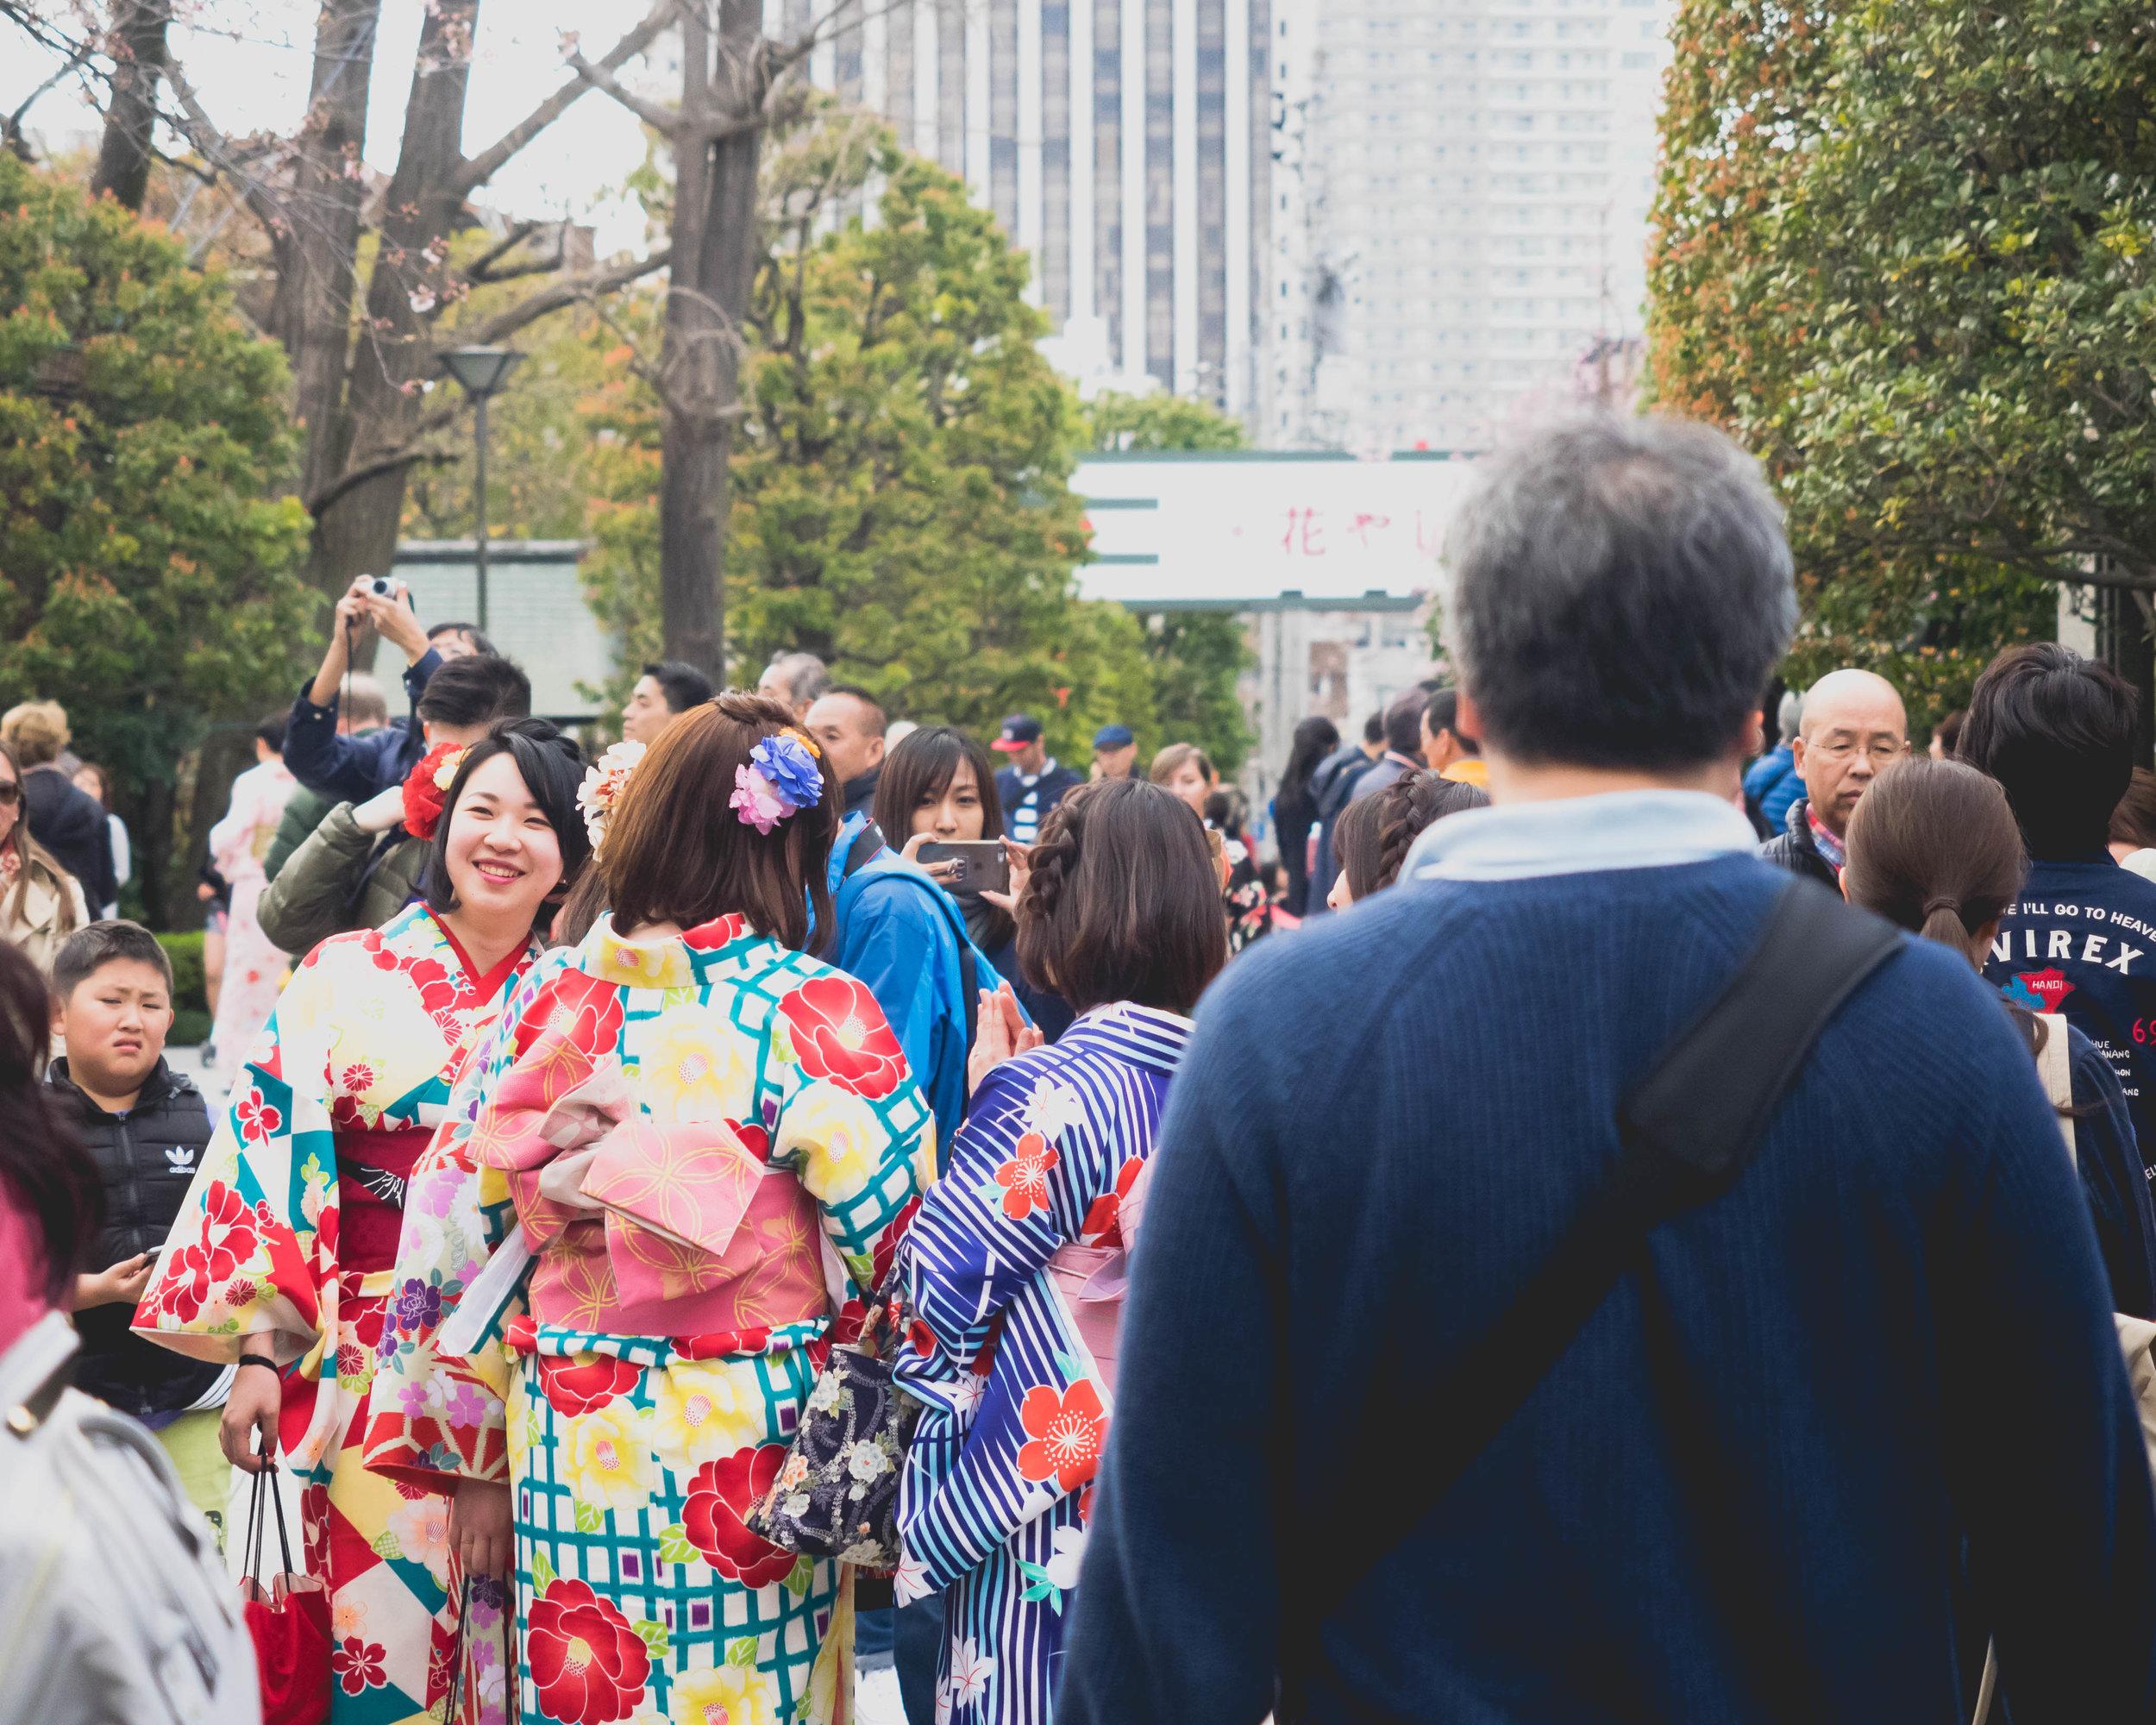 tourists in kimonos.